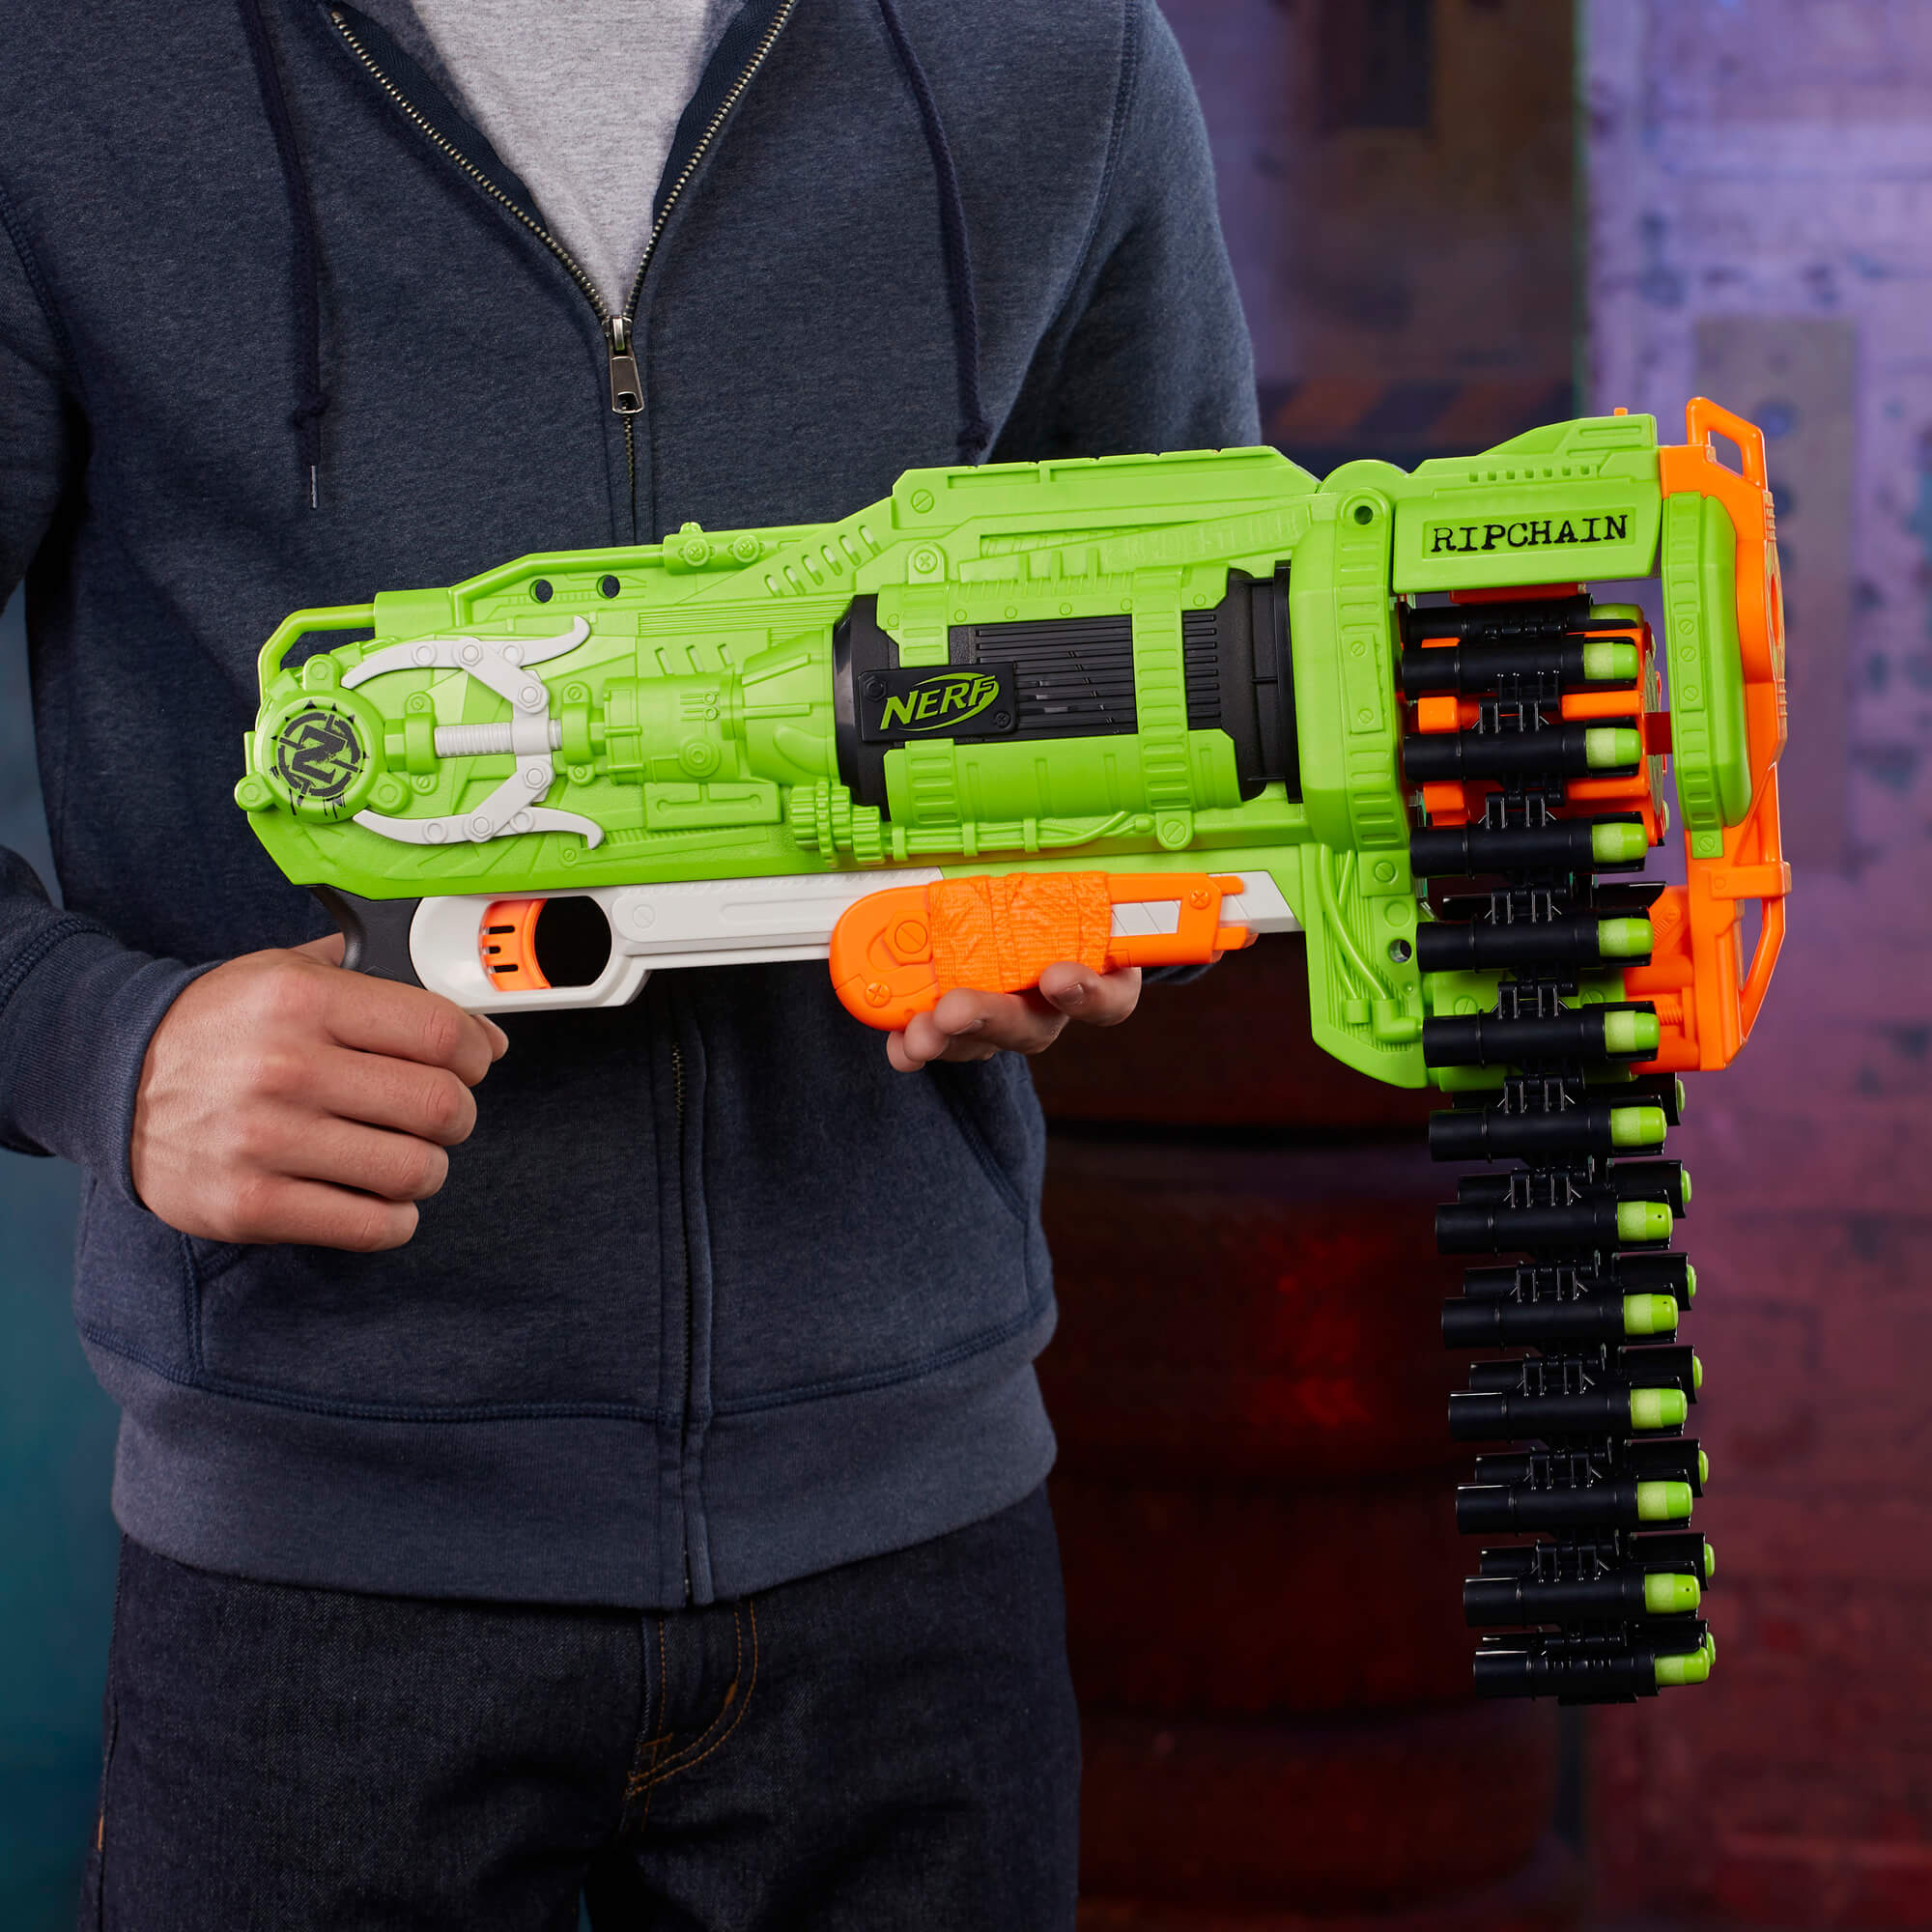 Mua đồ chơi súng NERF E2146 - (Mã: E2146) Súng NERF Ripchain (dòng Zombie Strike)